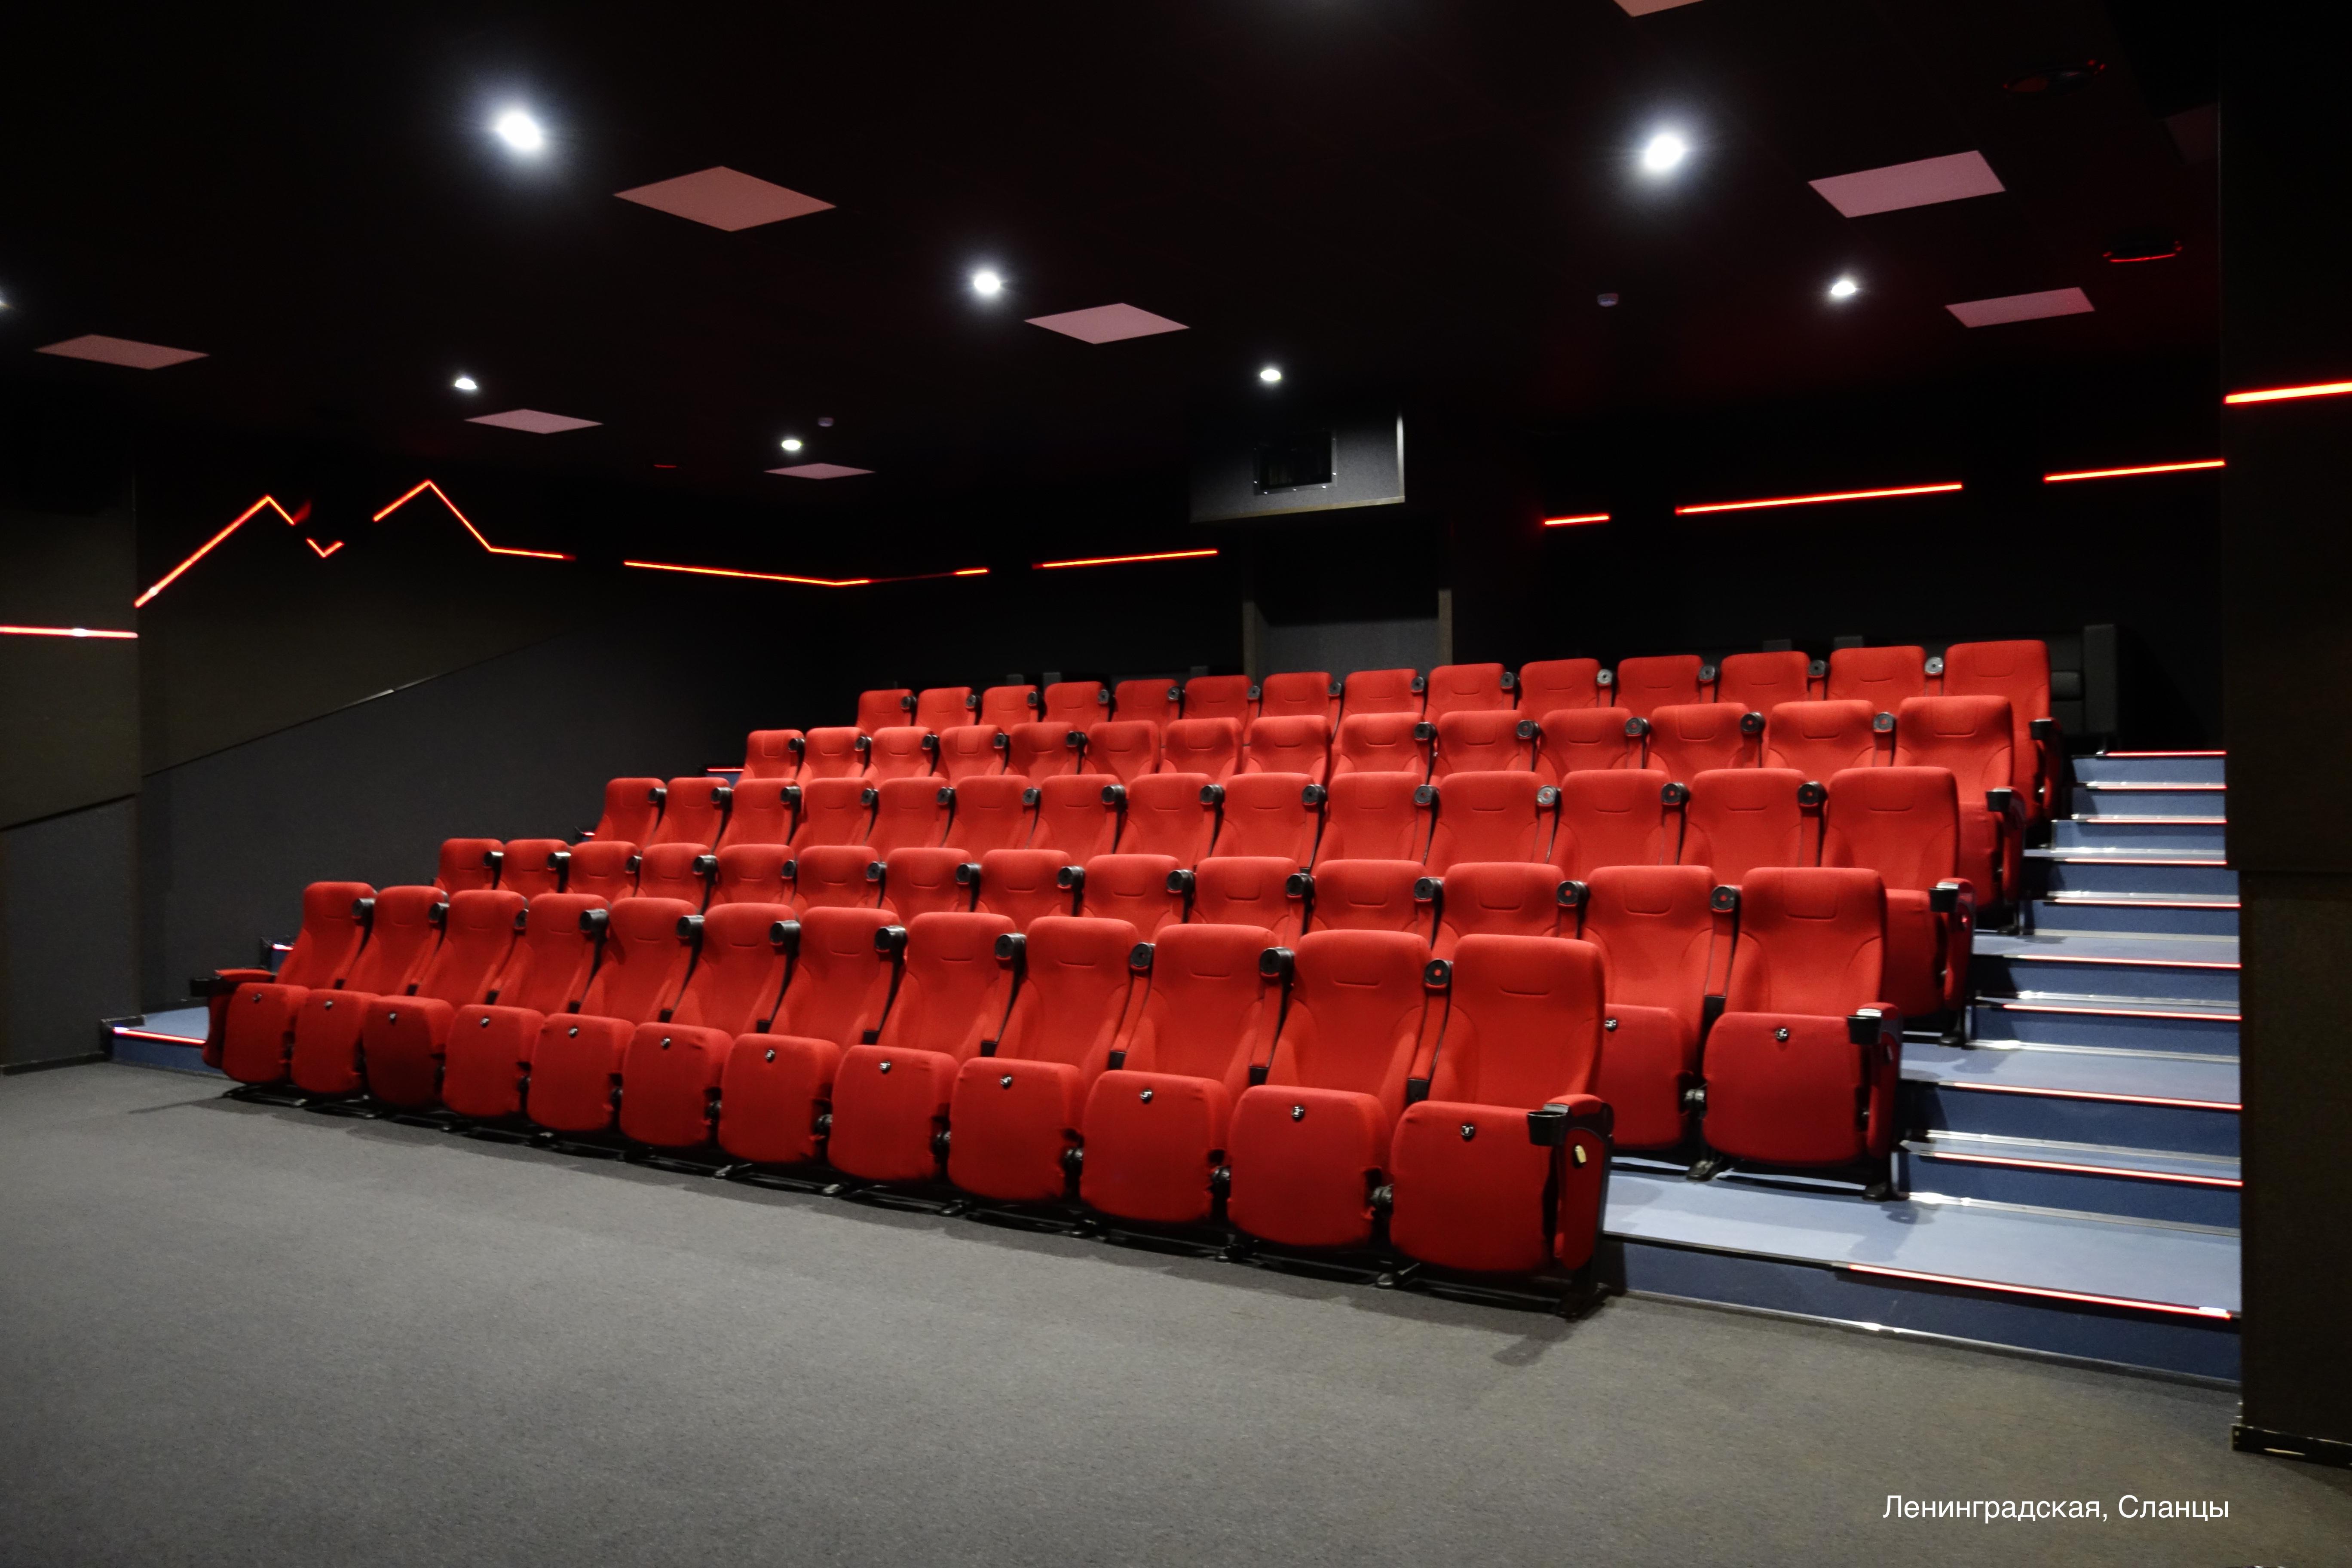 Фонд кино в 2019 году поддержит 204 кинозала в населенных пунктах Российской Федерации